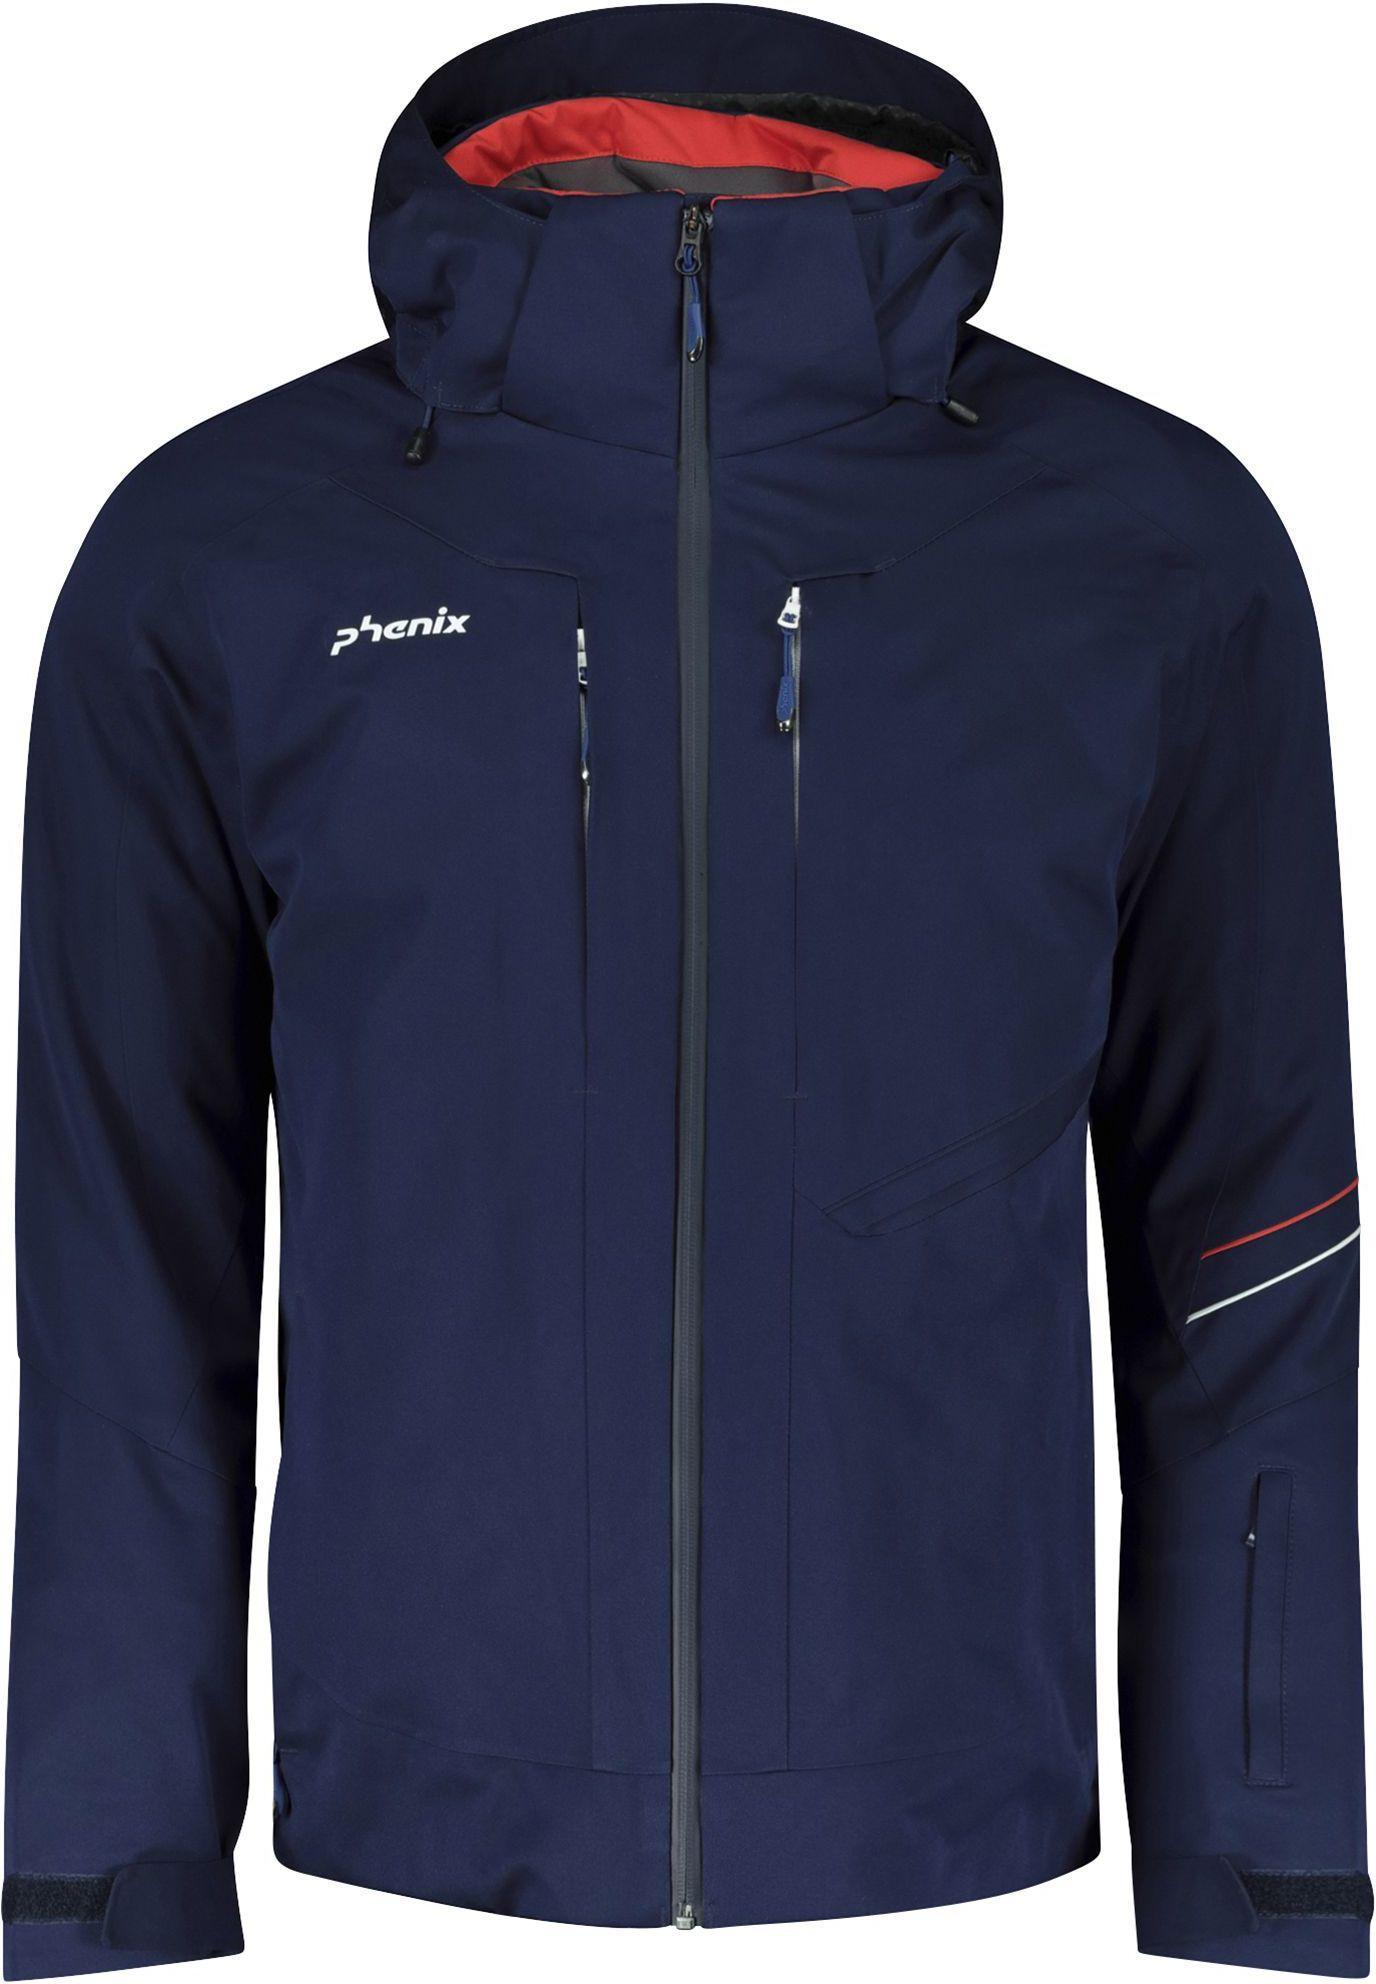 Avansert Best pris på Phenix Grant Jacket (Herre) - Se priser før kjøp i AZ-86